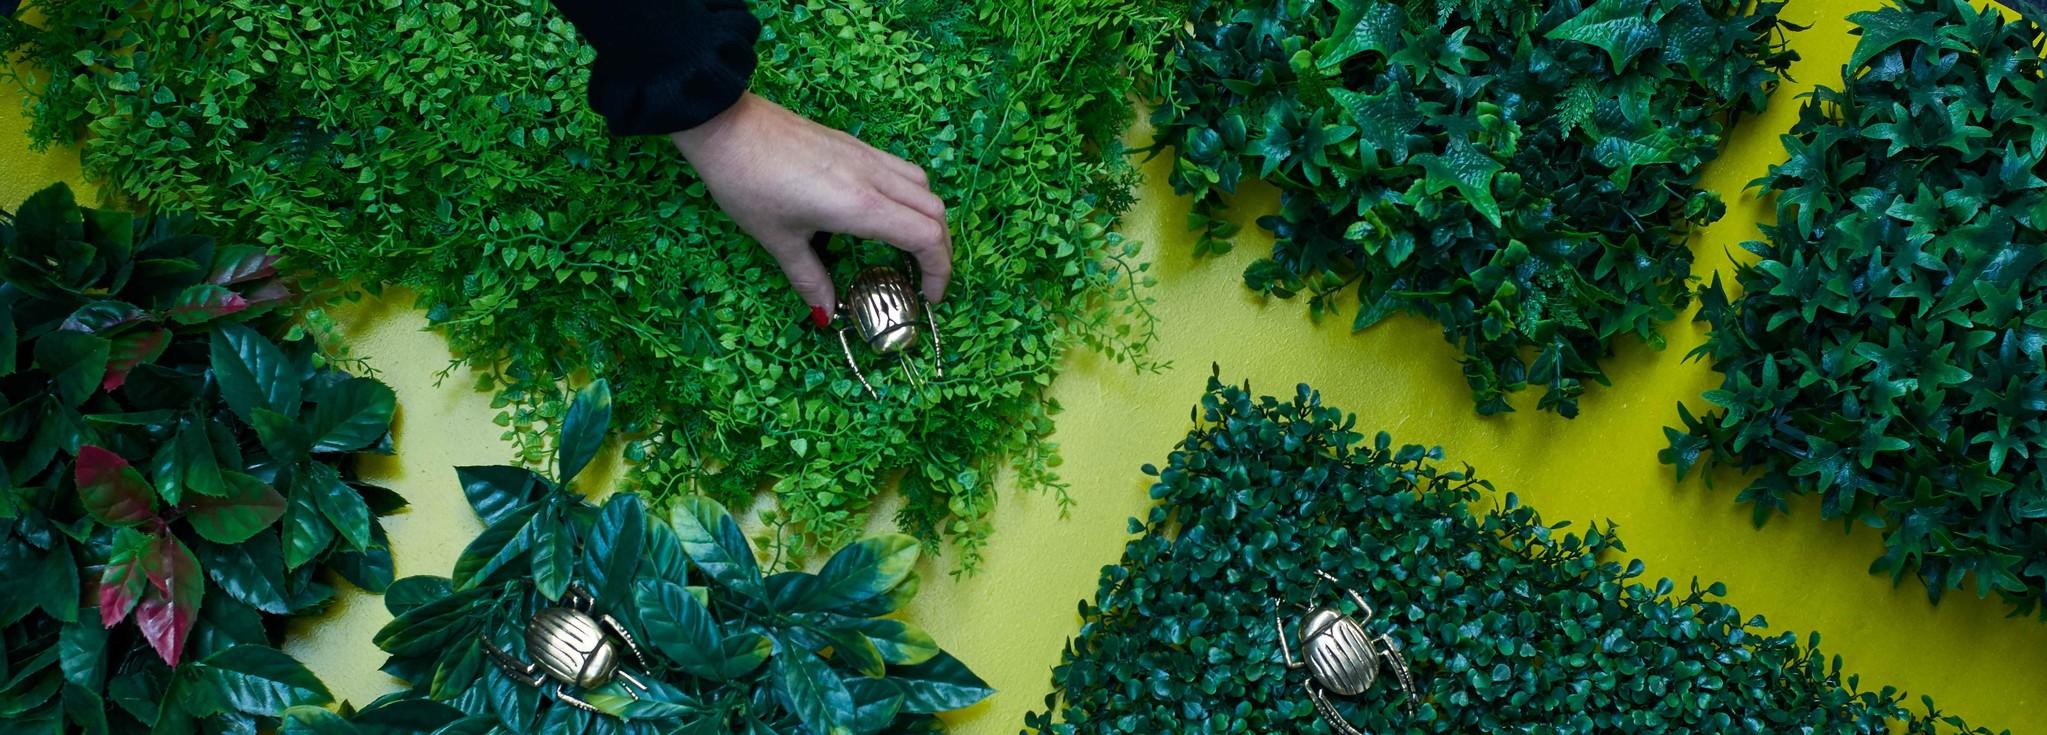 Kunstpflanzen, die so gut wie echt aussehen